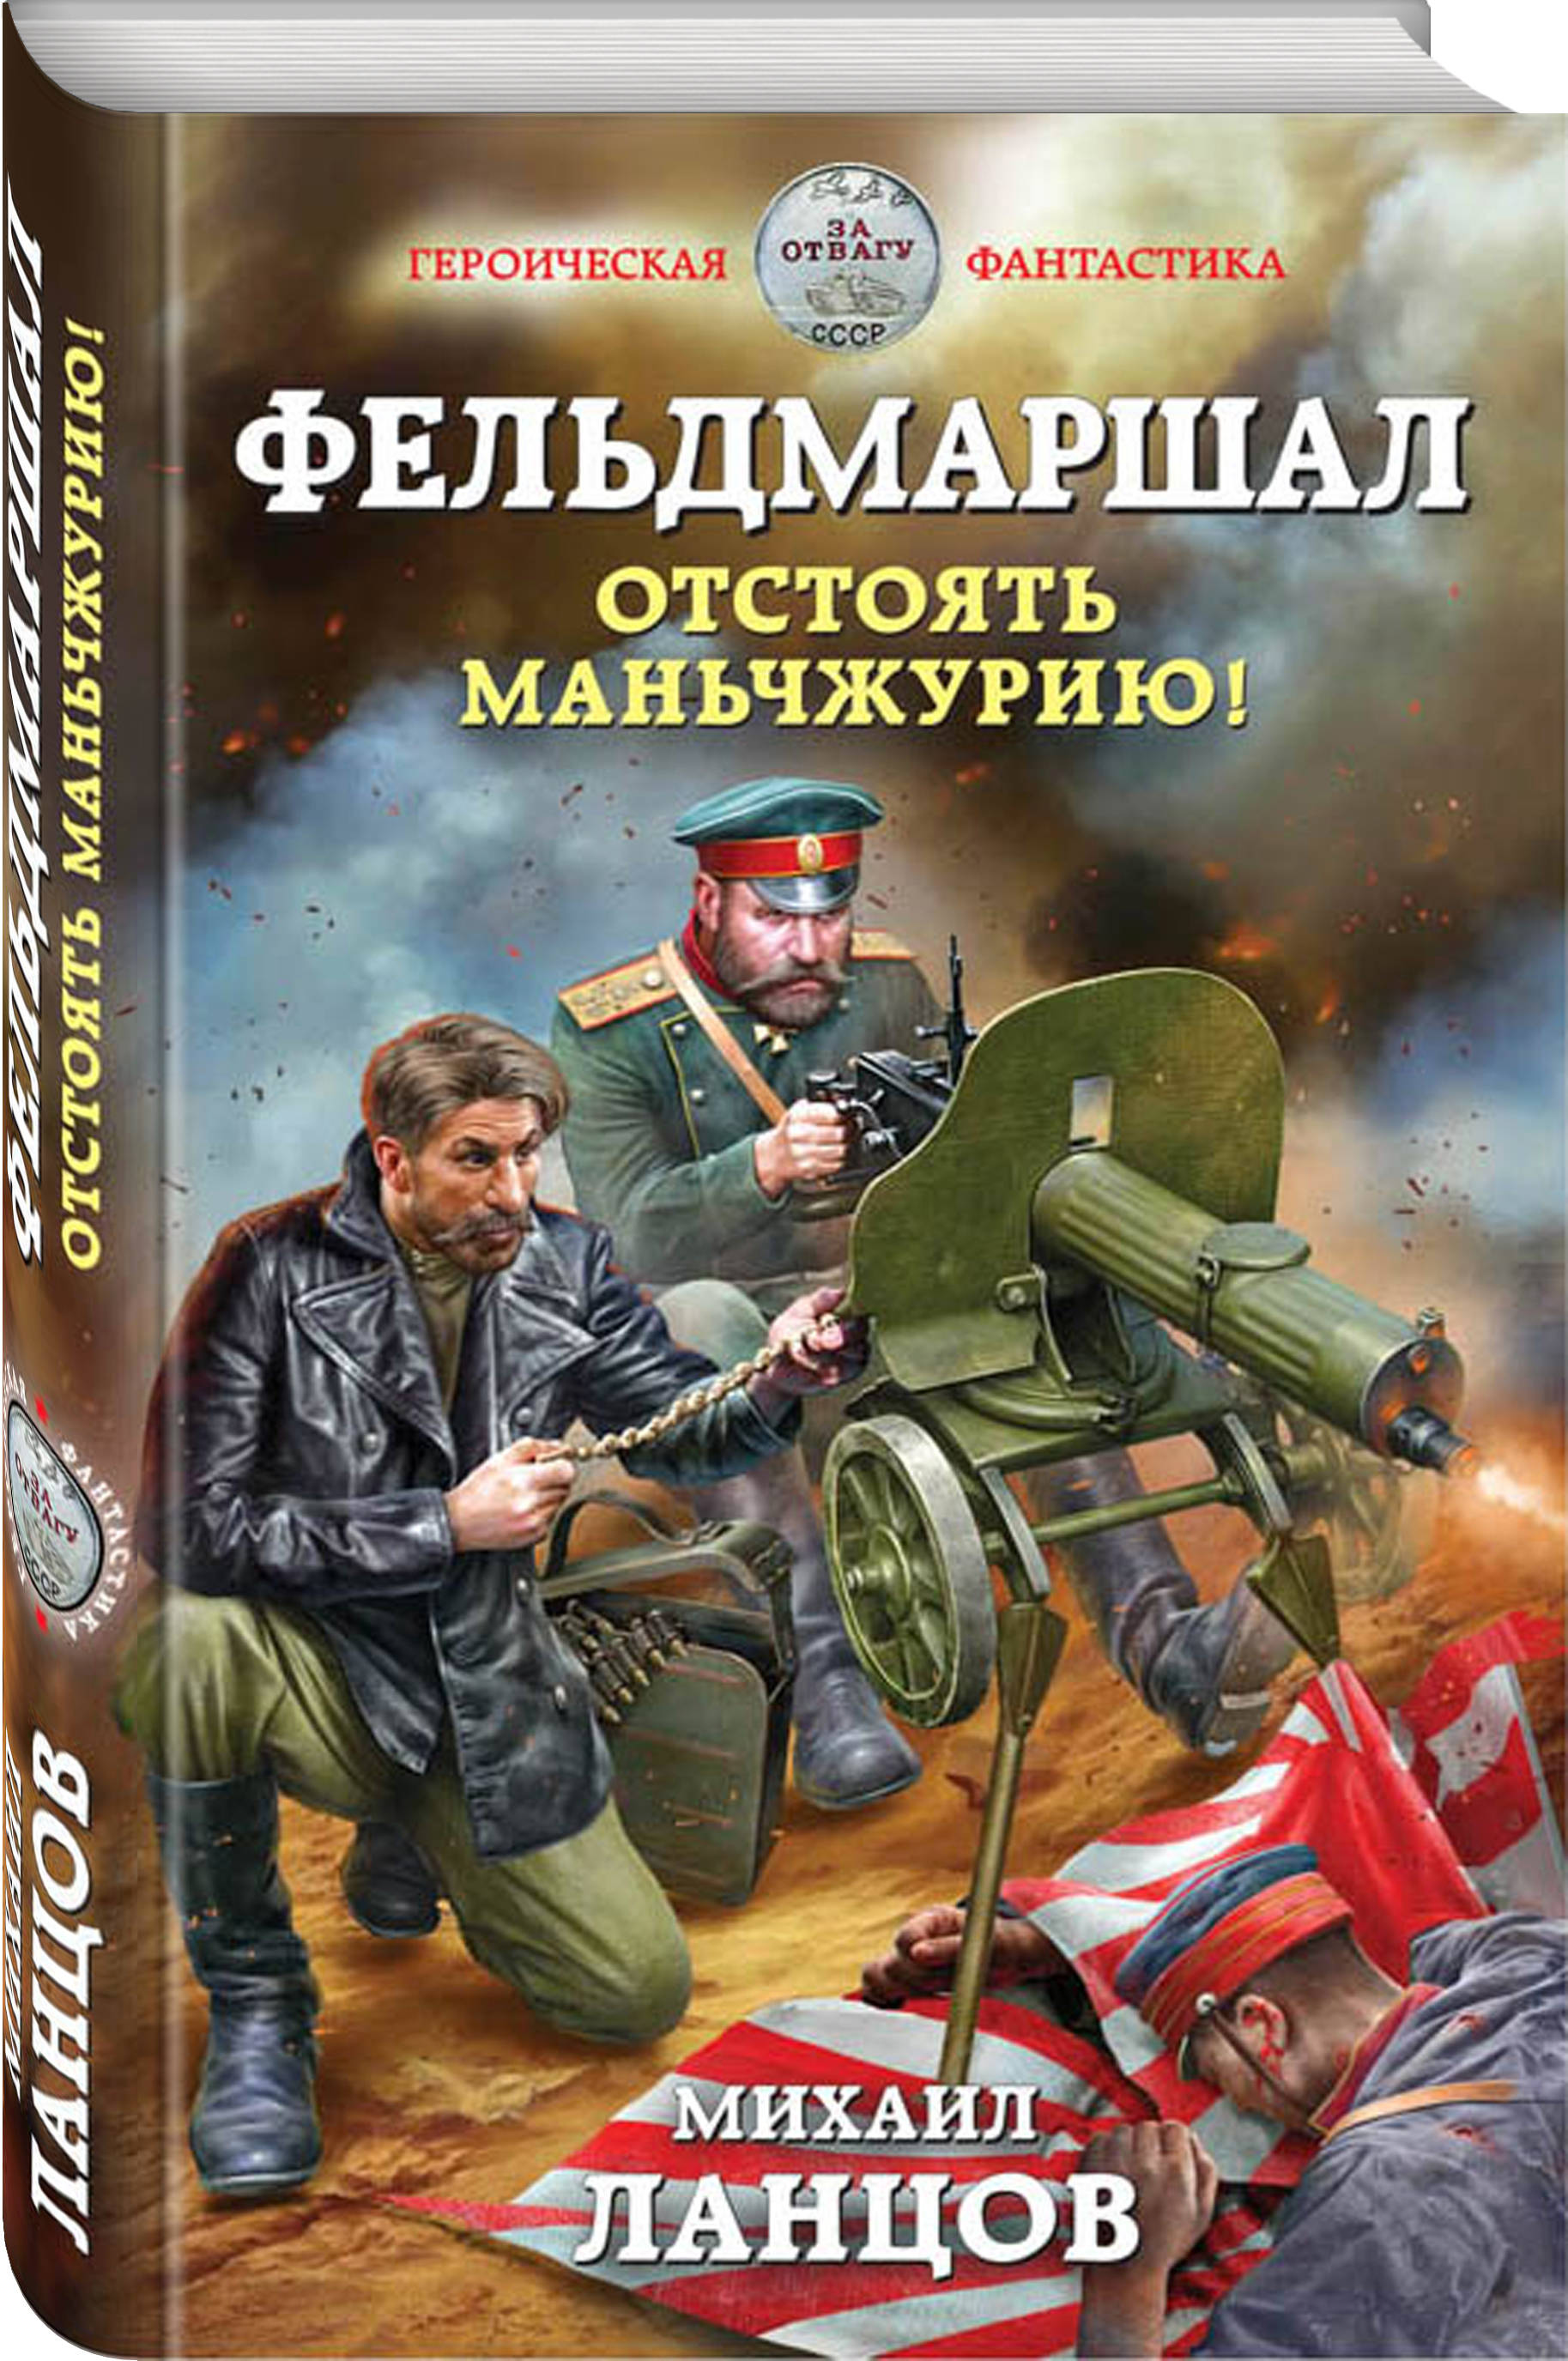 Михаил Ланцов Фельдмаршал. Отстоять Маньчжурию!